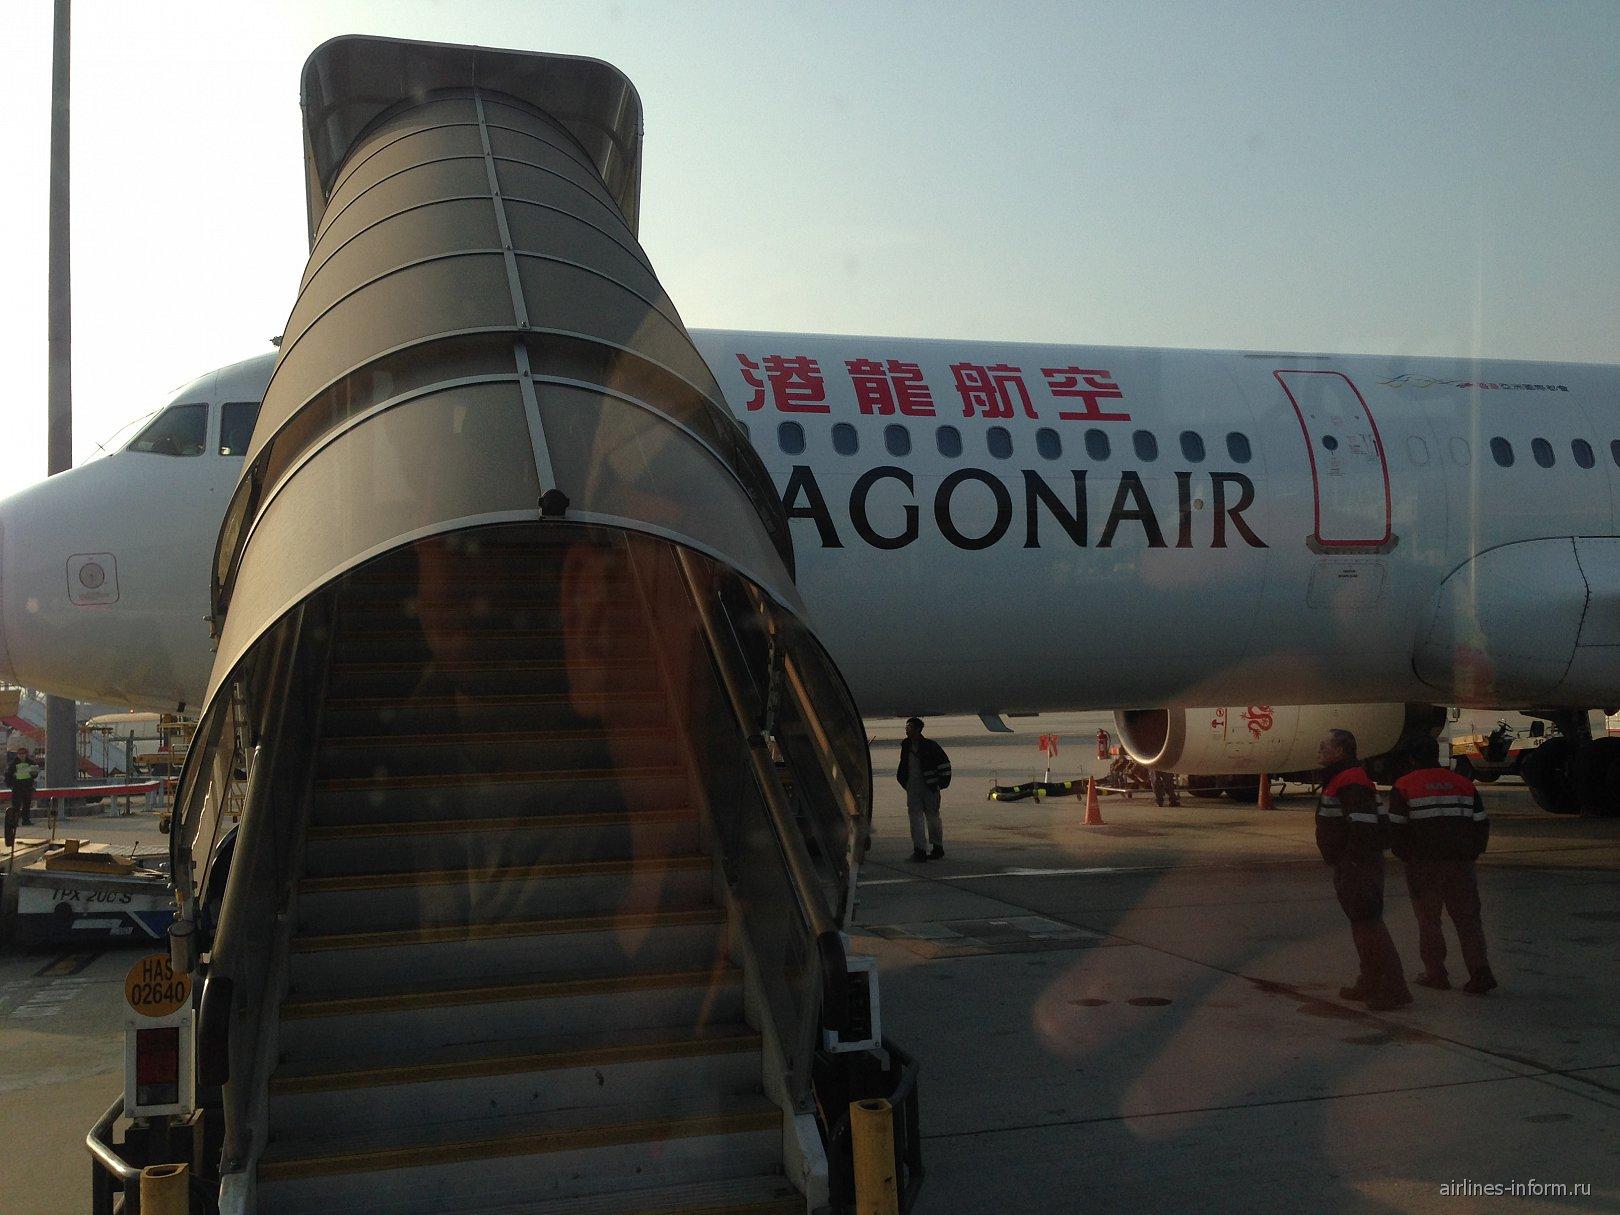 Гонконг - Москва через Пхукет с Dragonair и Aeroflot